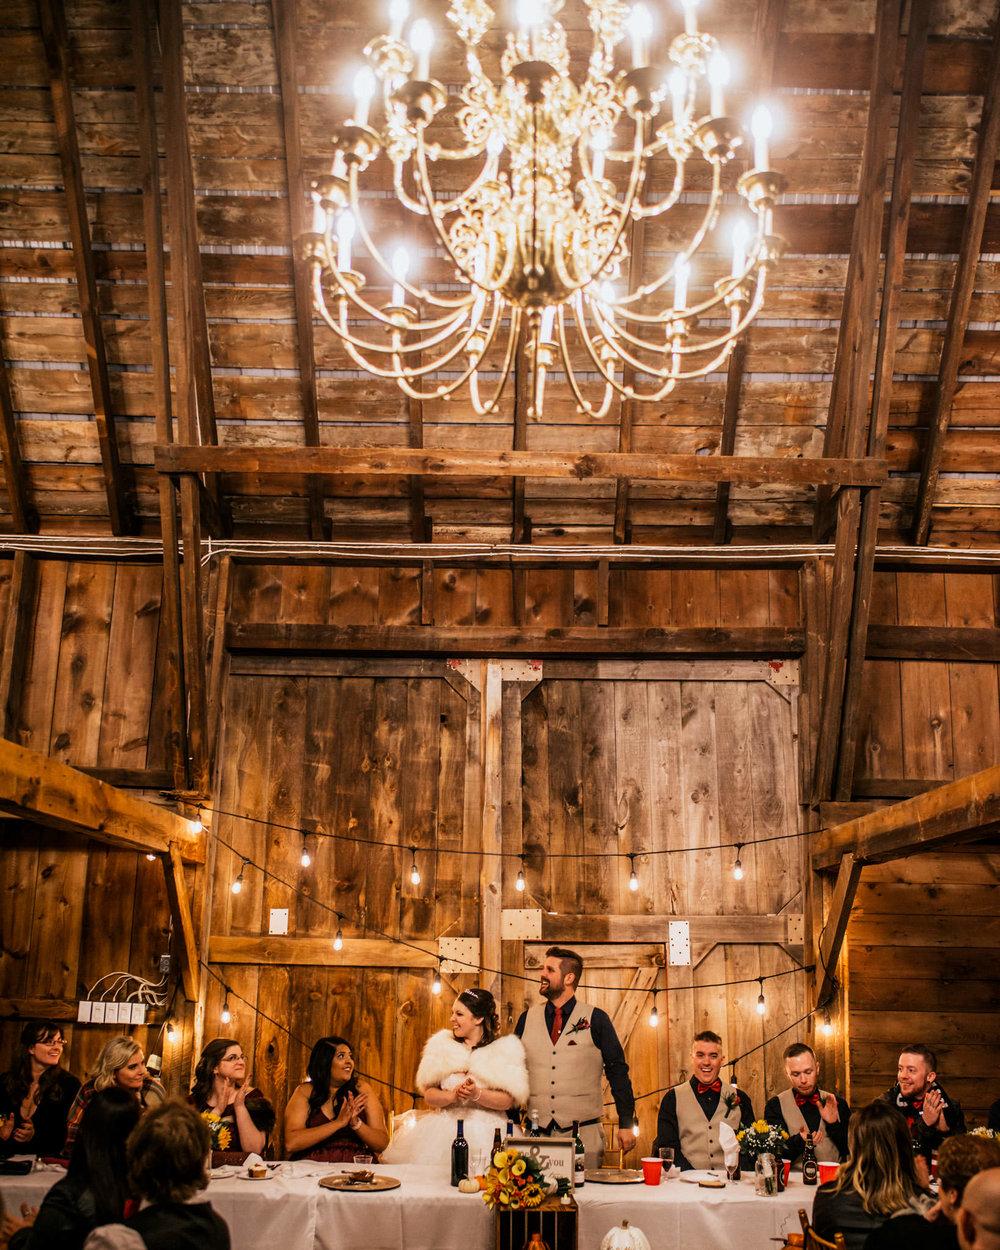 cranberry-creek-barn-wedding-001.jpg